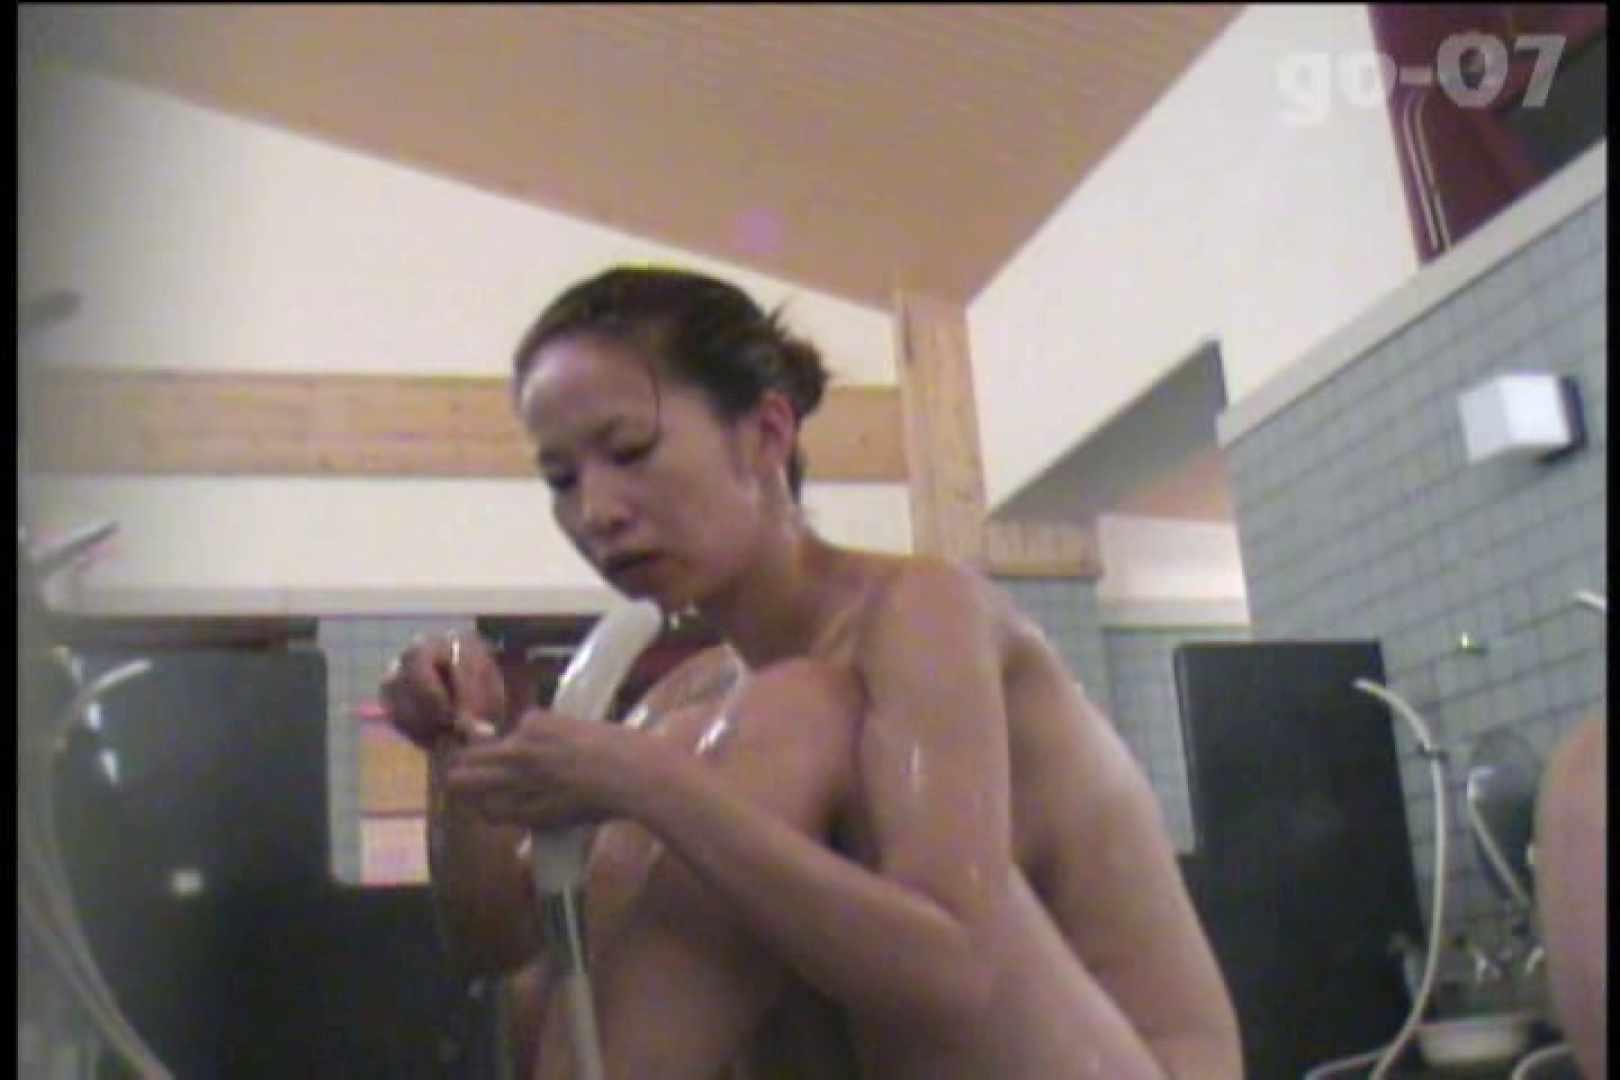 電波カメラ設置浴場からの防HAN映像 Vol.07 盗撮  89pic 11